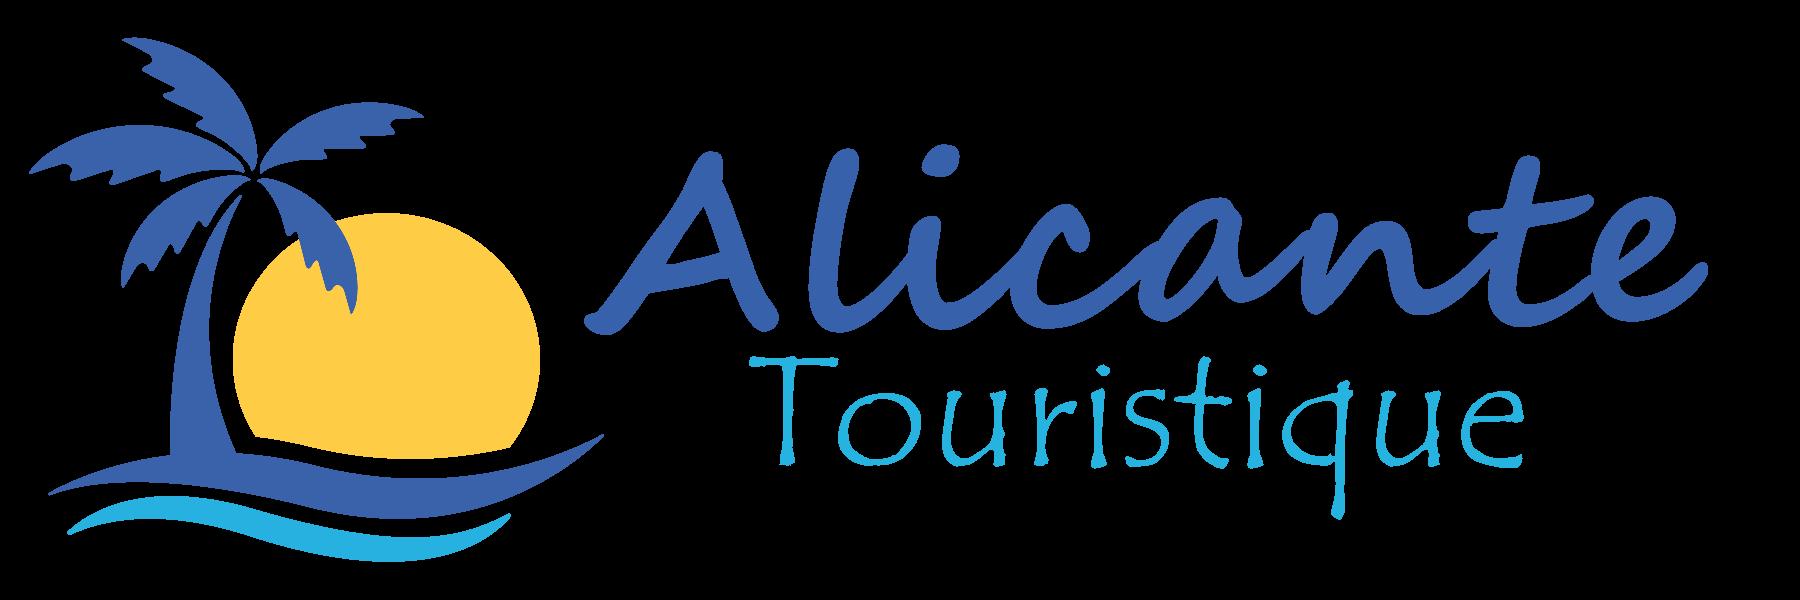 Alicante Touristique